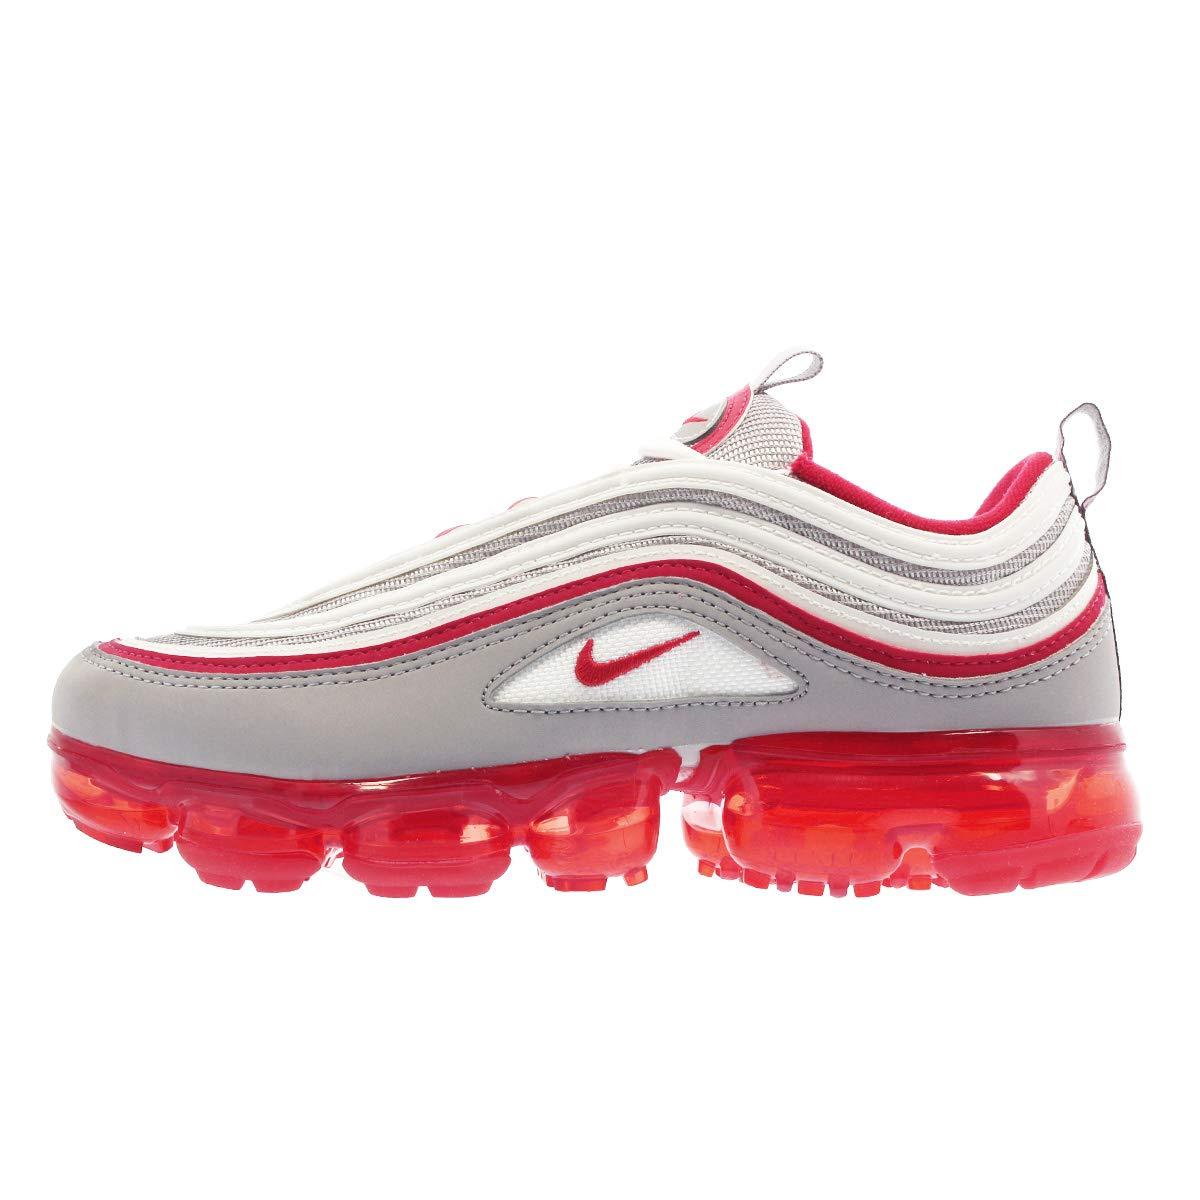 Buy Nike Air Vapormax 97 Atmosphere